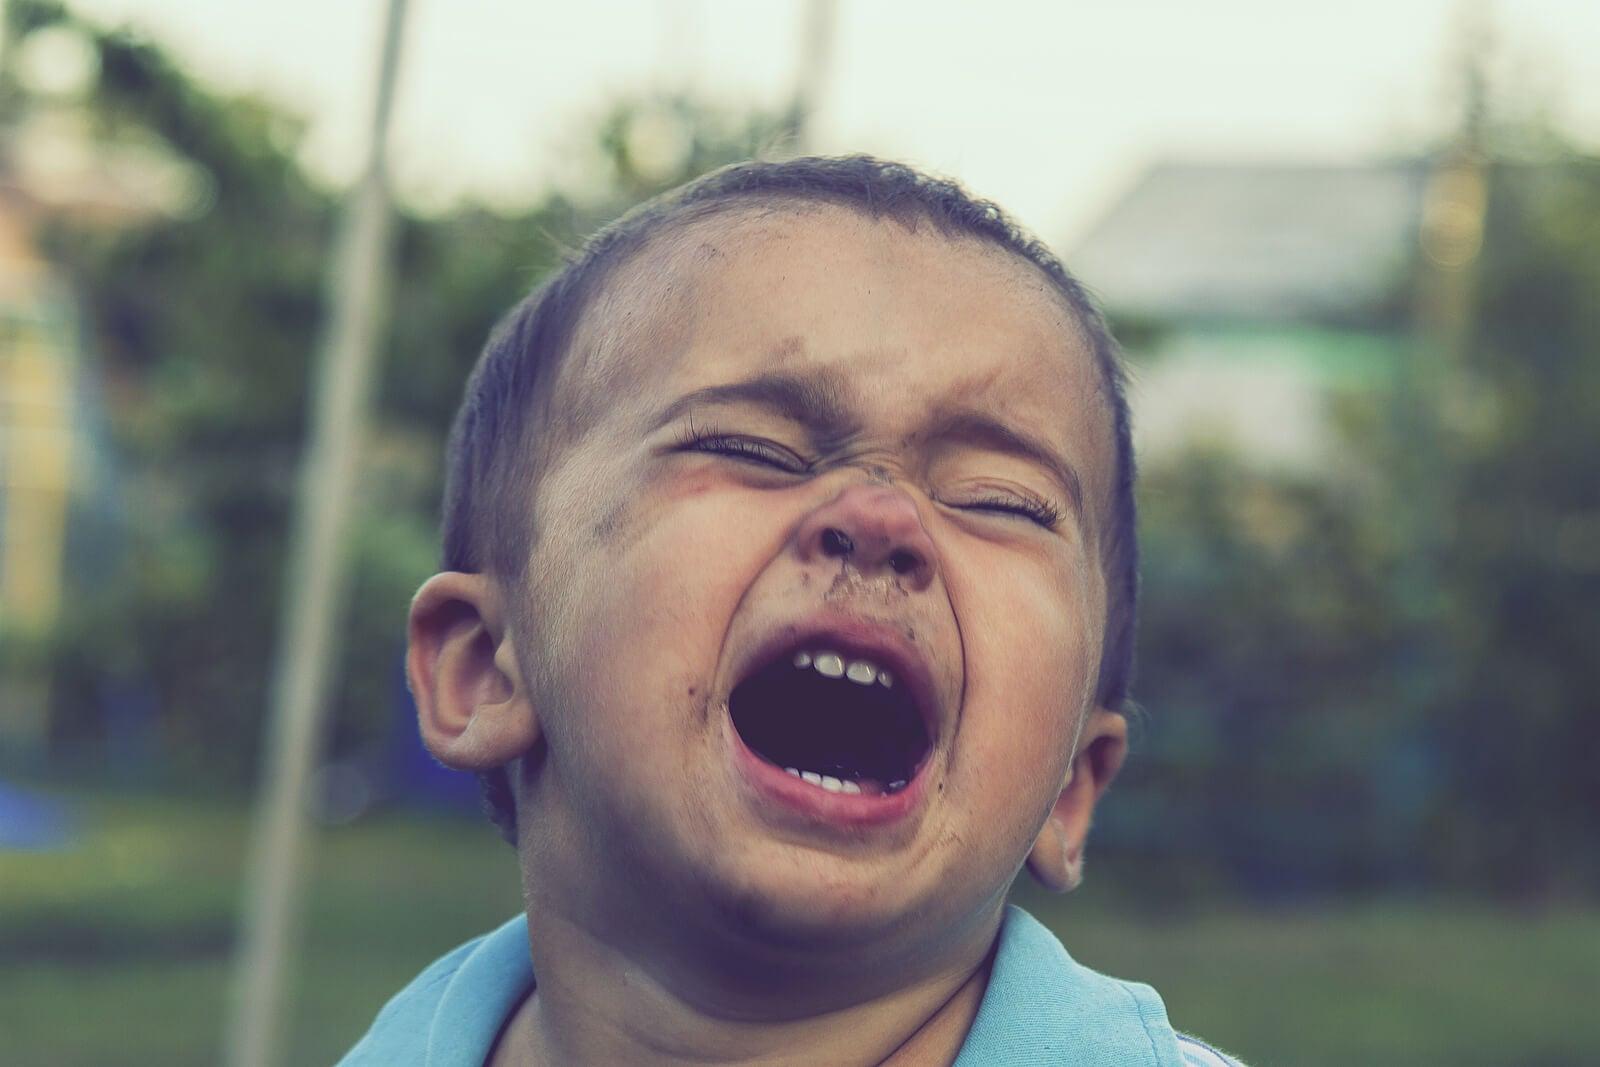 Niño gritando enfadado usando la manipulación emocional.